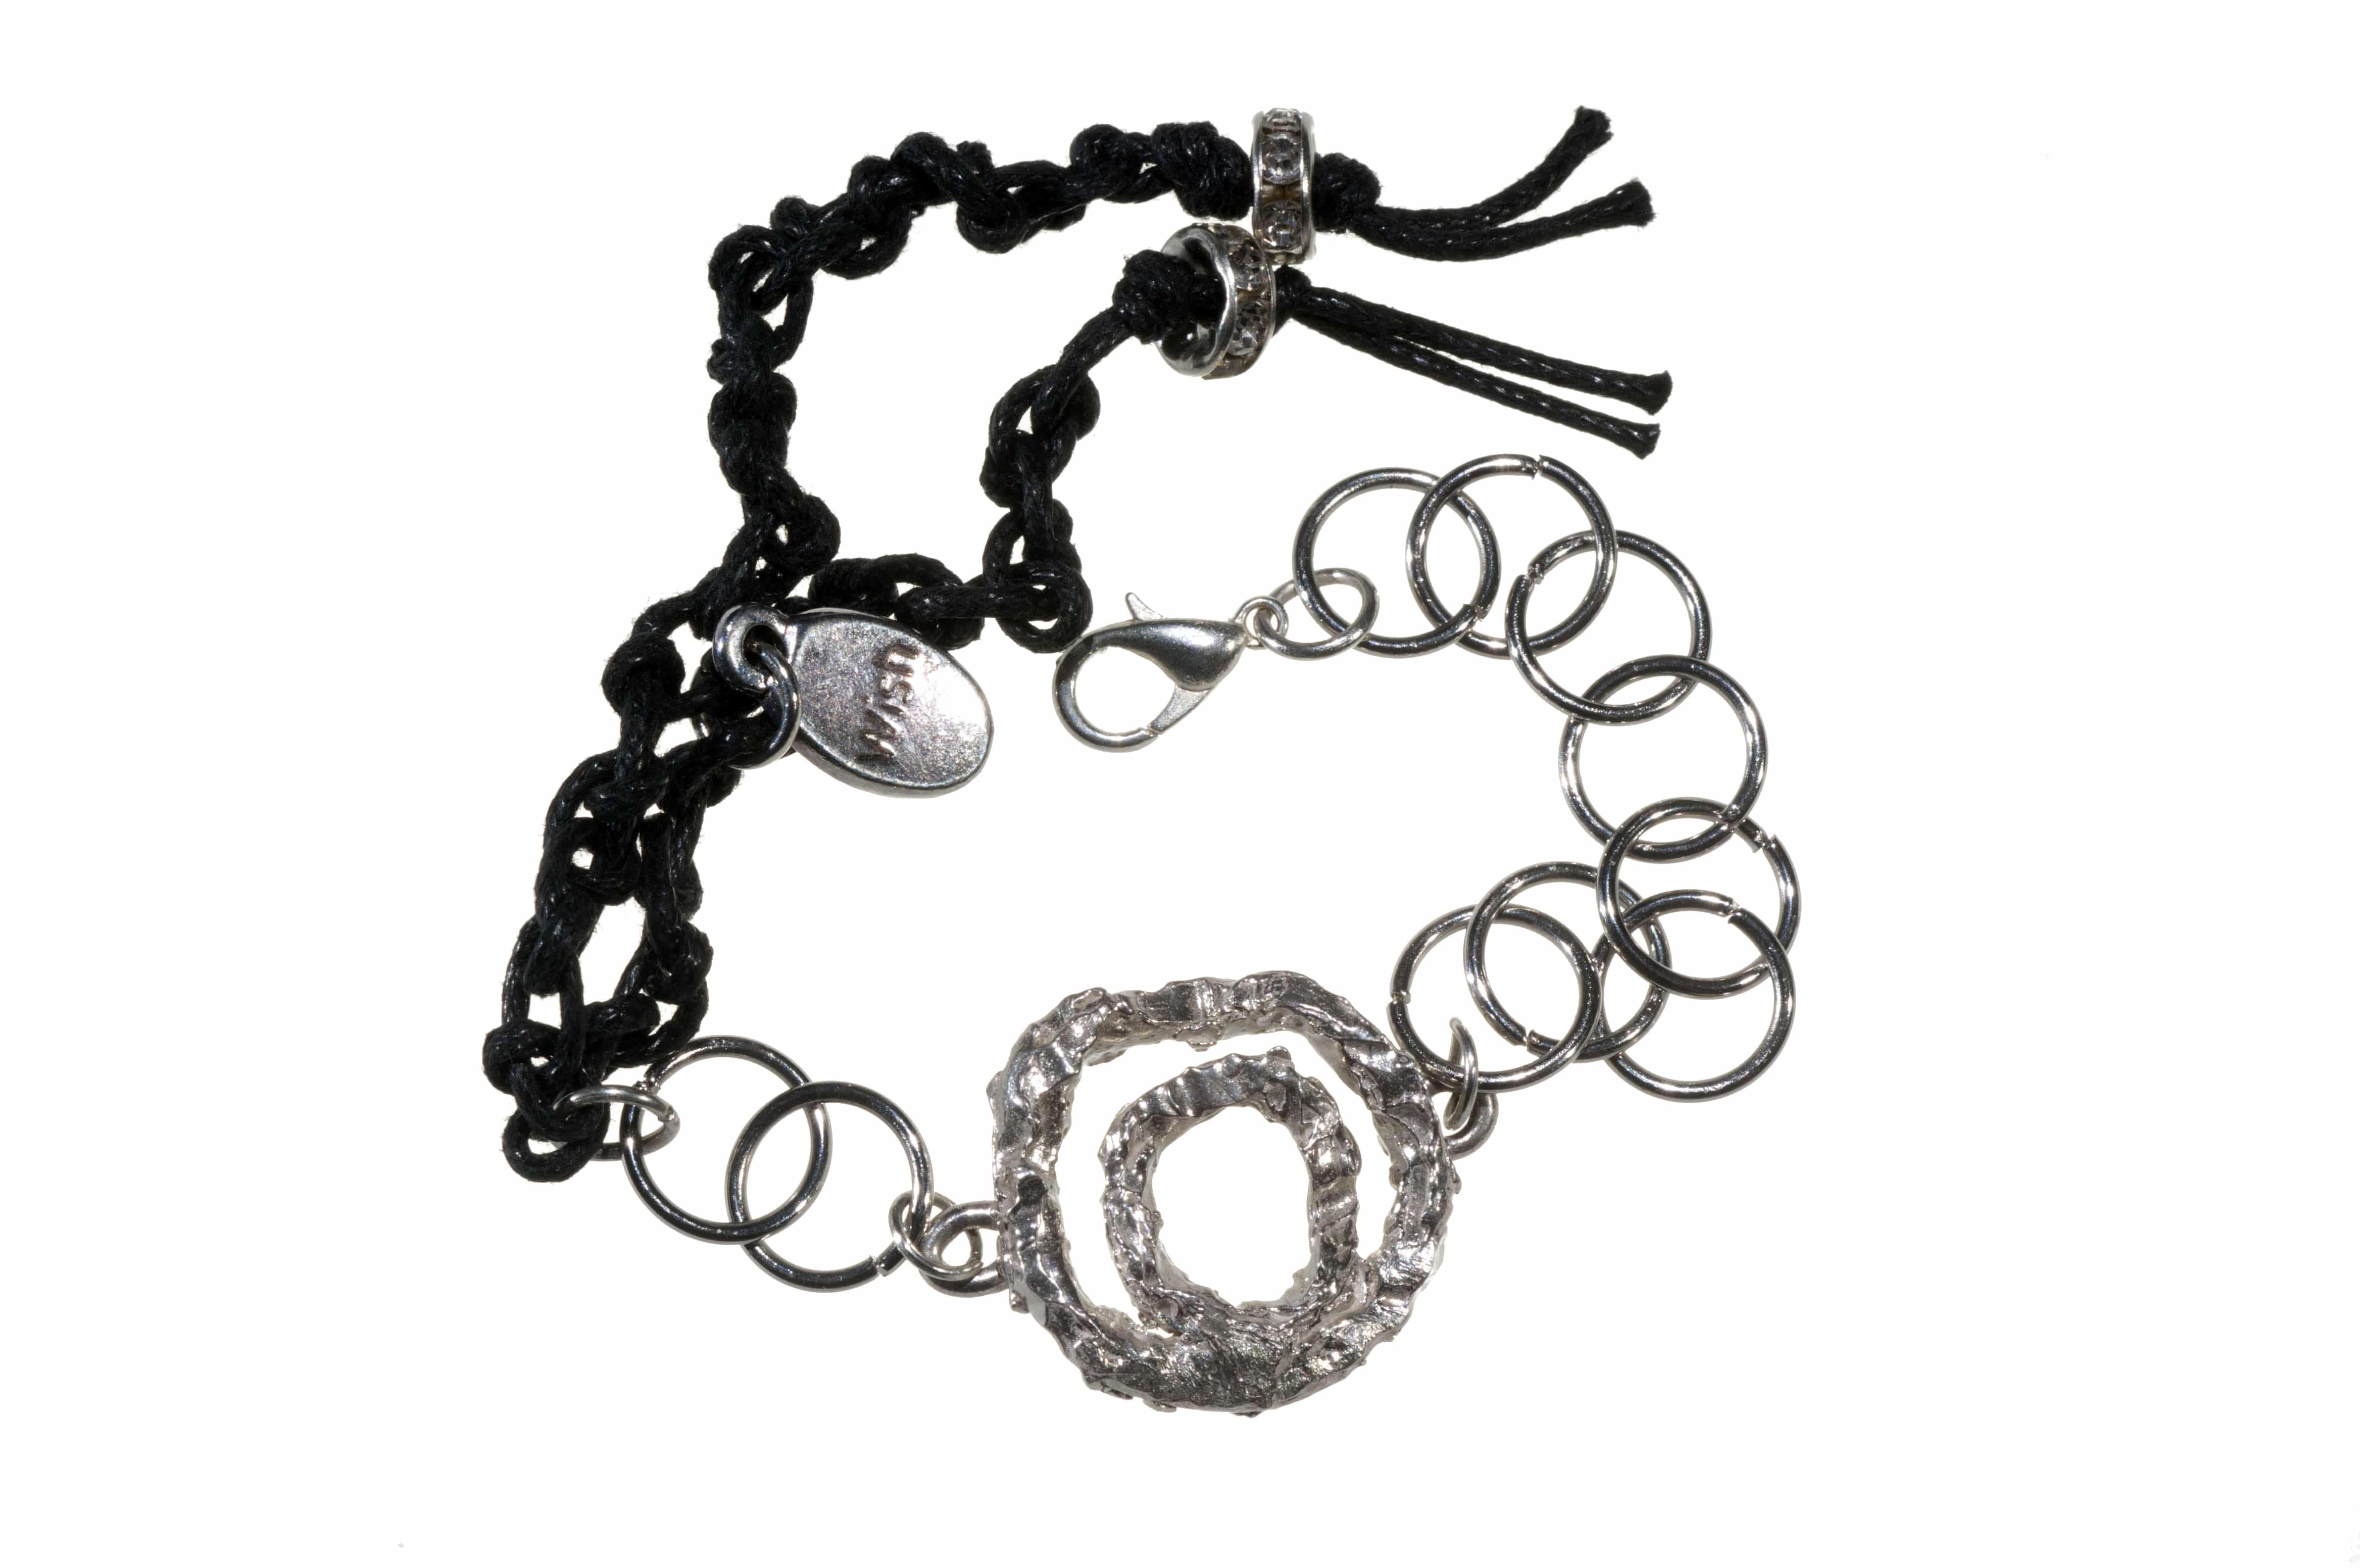 32 Dicembre - Li I Bracelet Gioielli di design contemporaneo unici e artigianali